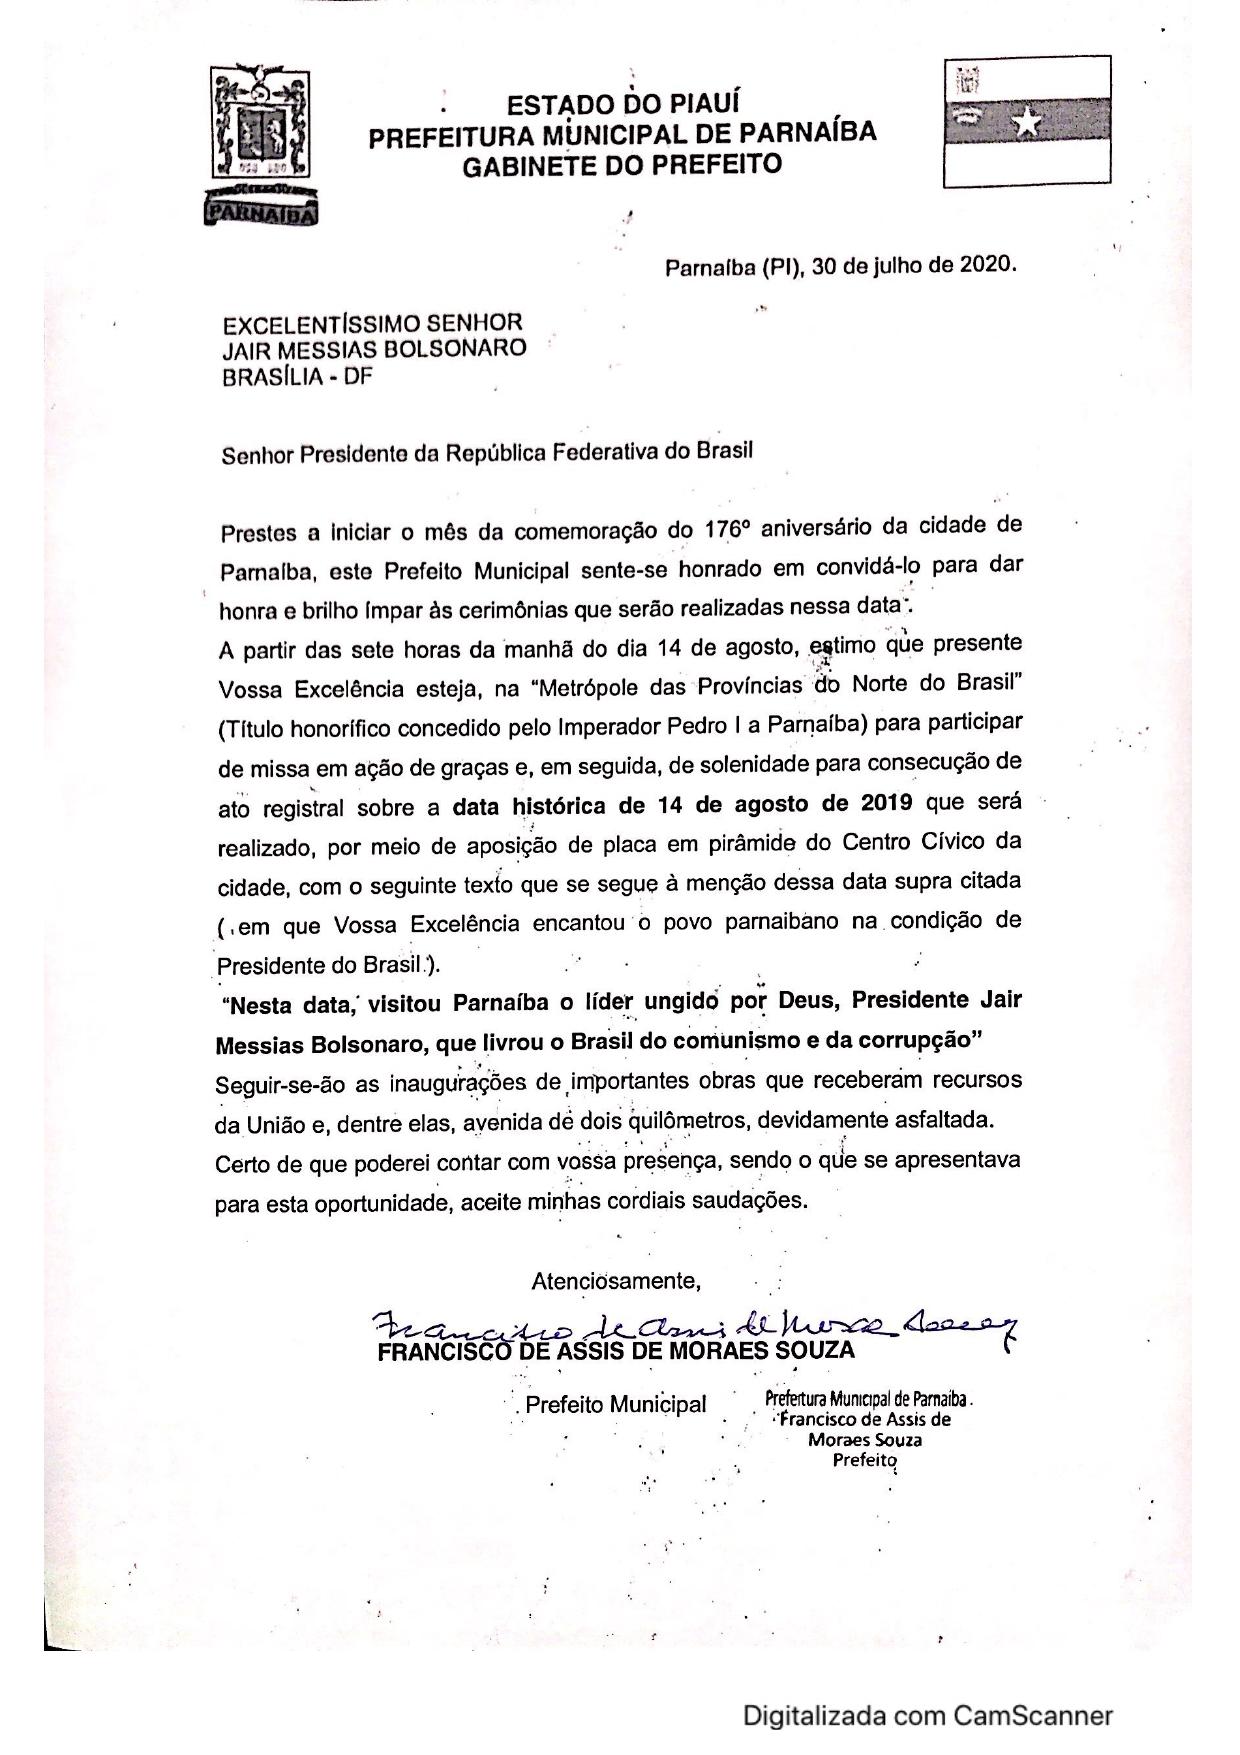 Ofício enviado ao presidente Jair Bolsonaro - Foto: Divulgação